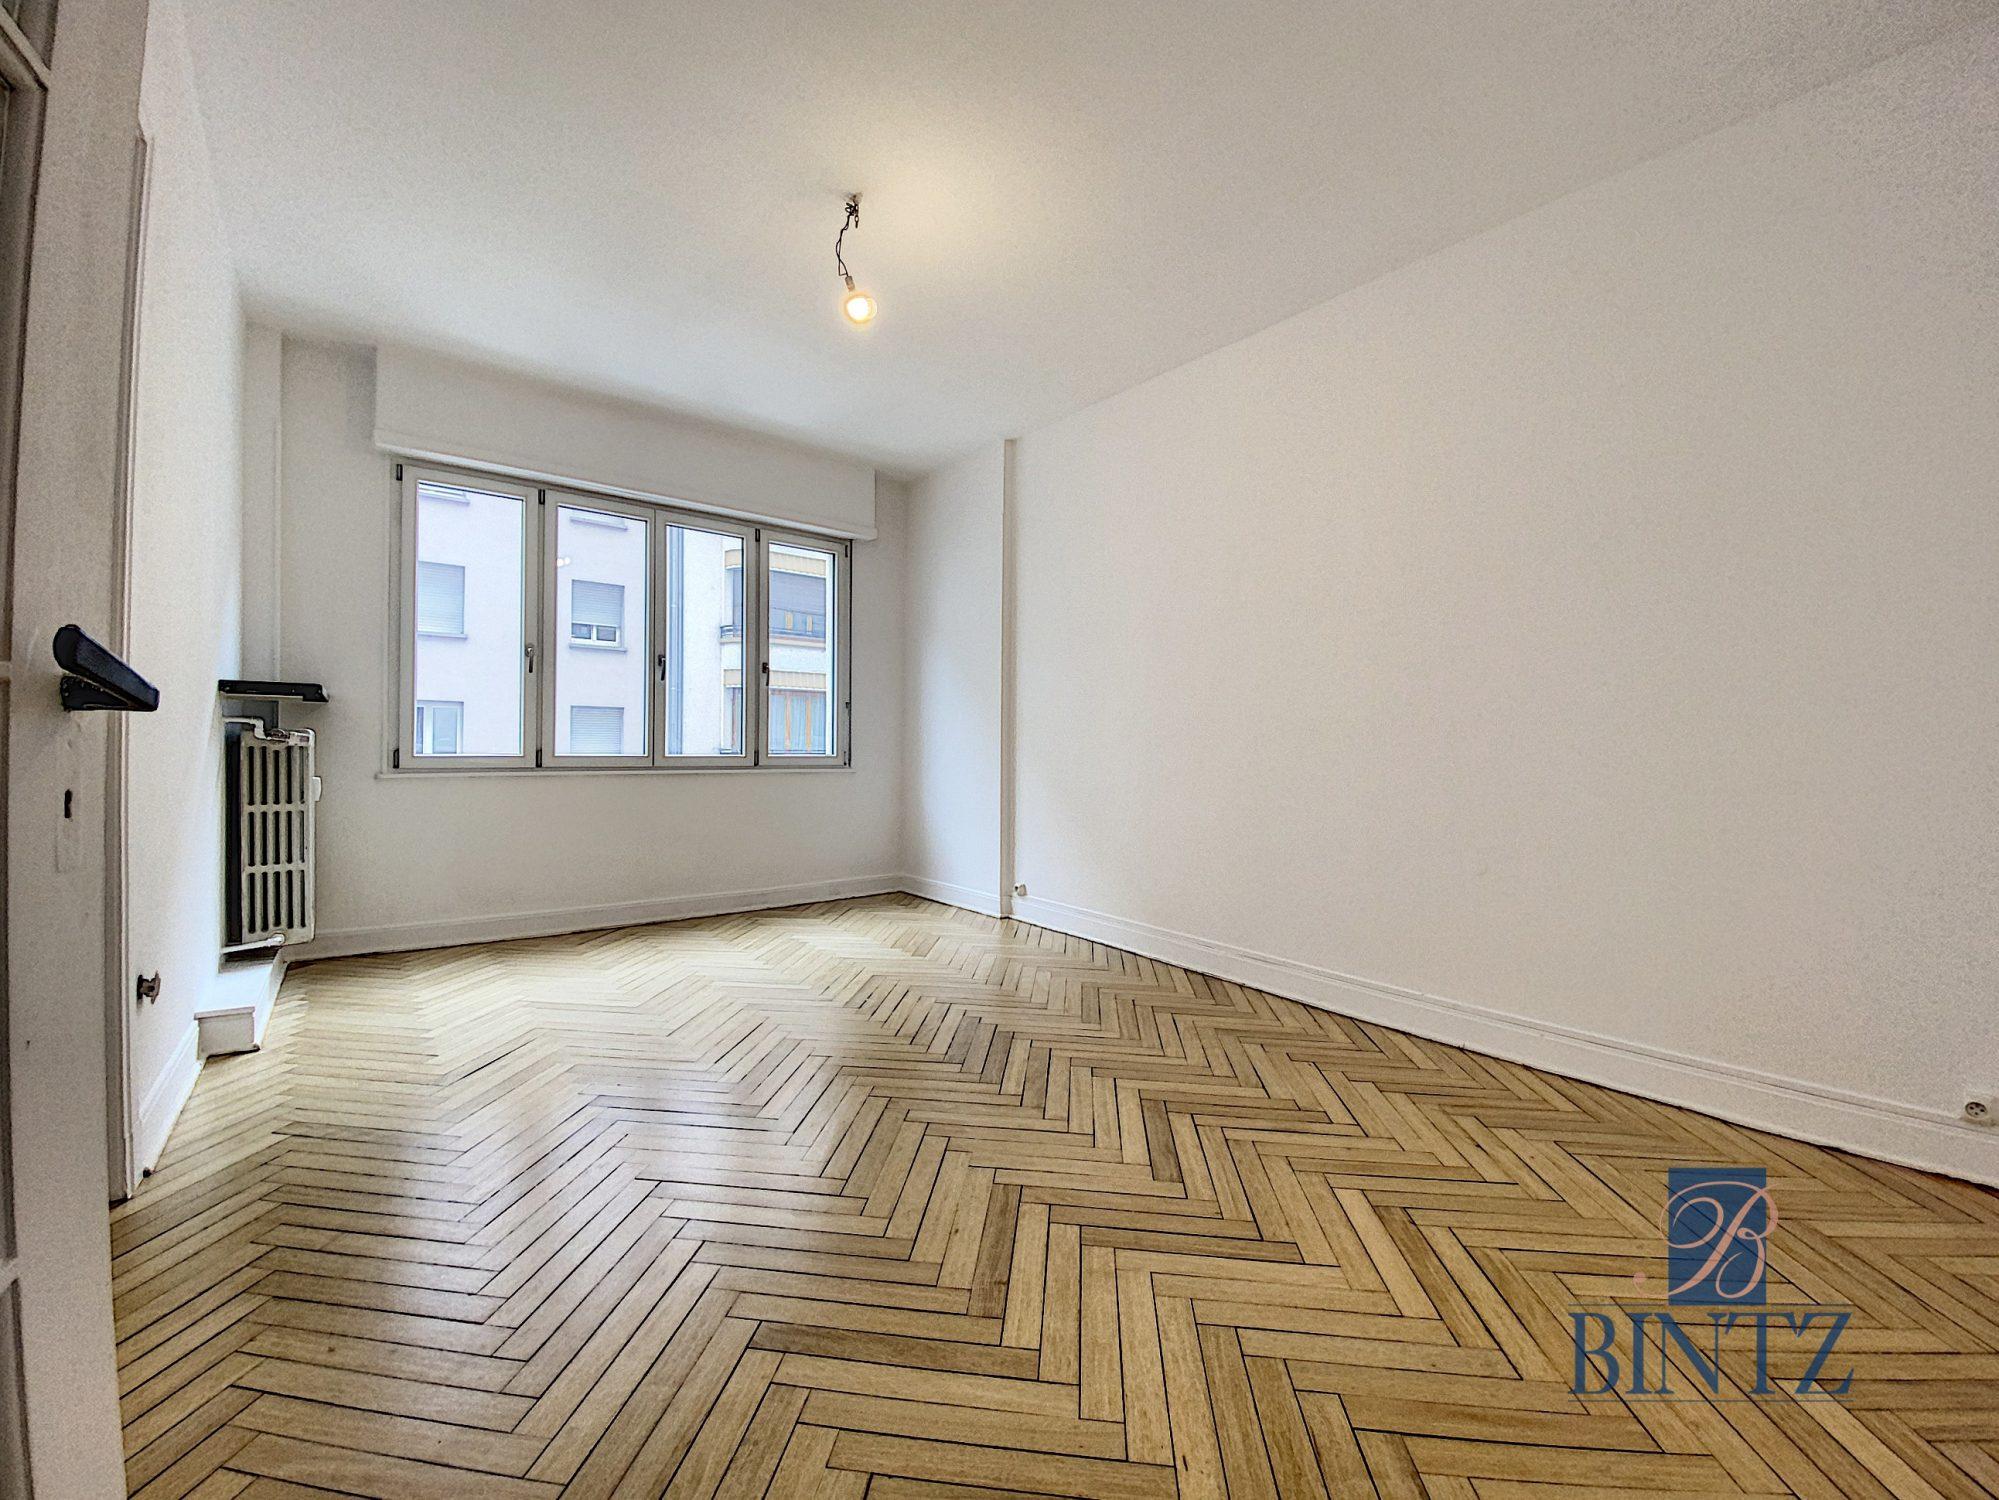 2 PIÈCES KRUTENAU - Devenez locataire en toute sérénité - Bintz Immobilier - 11